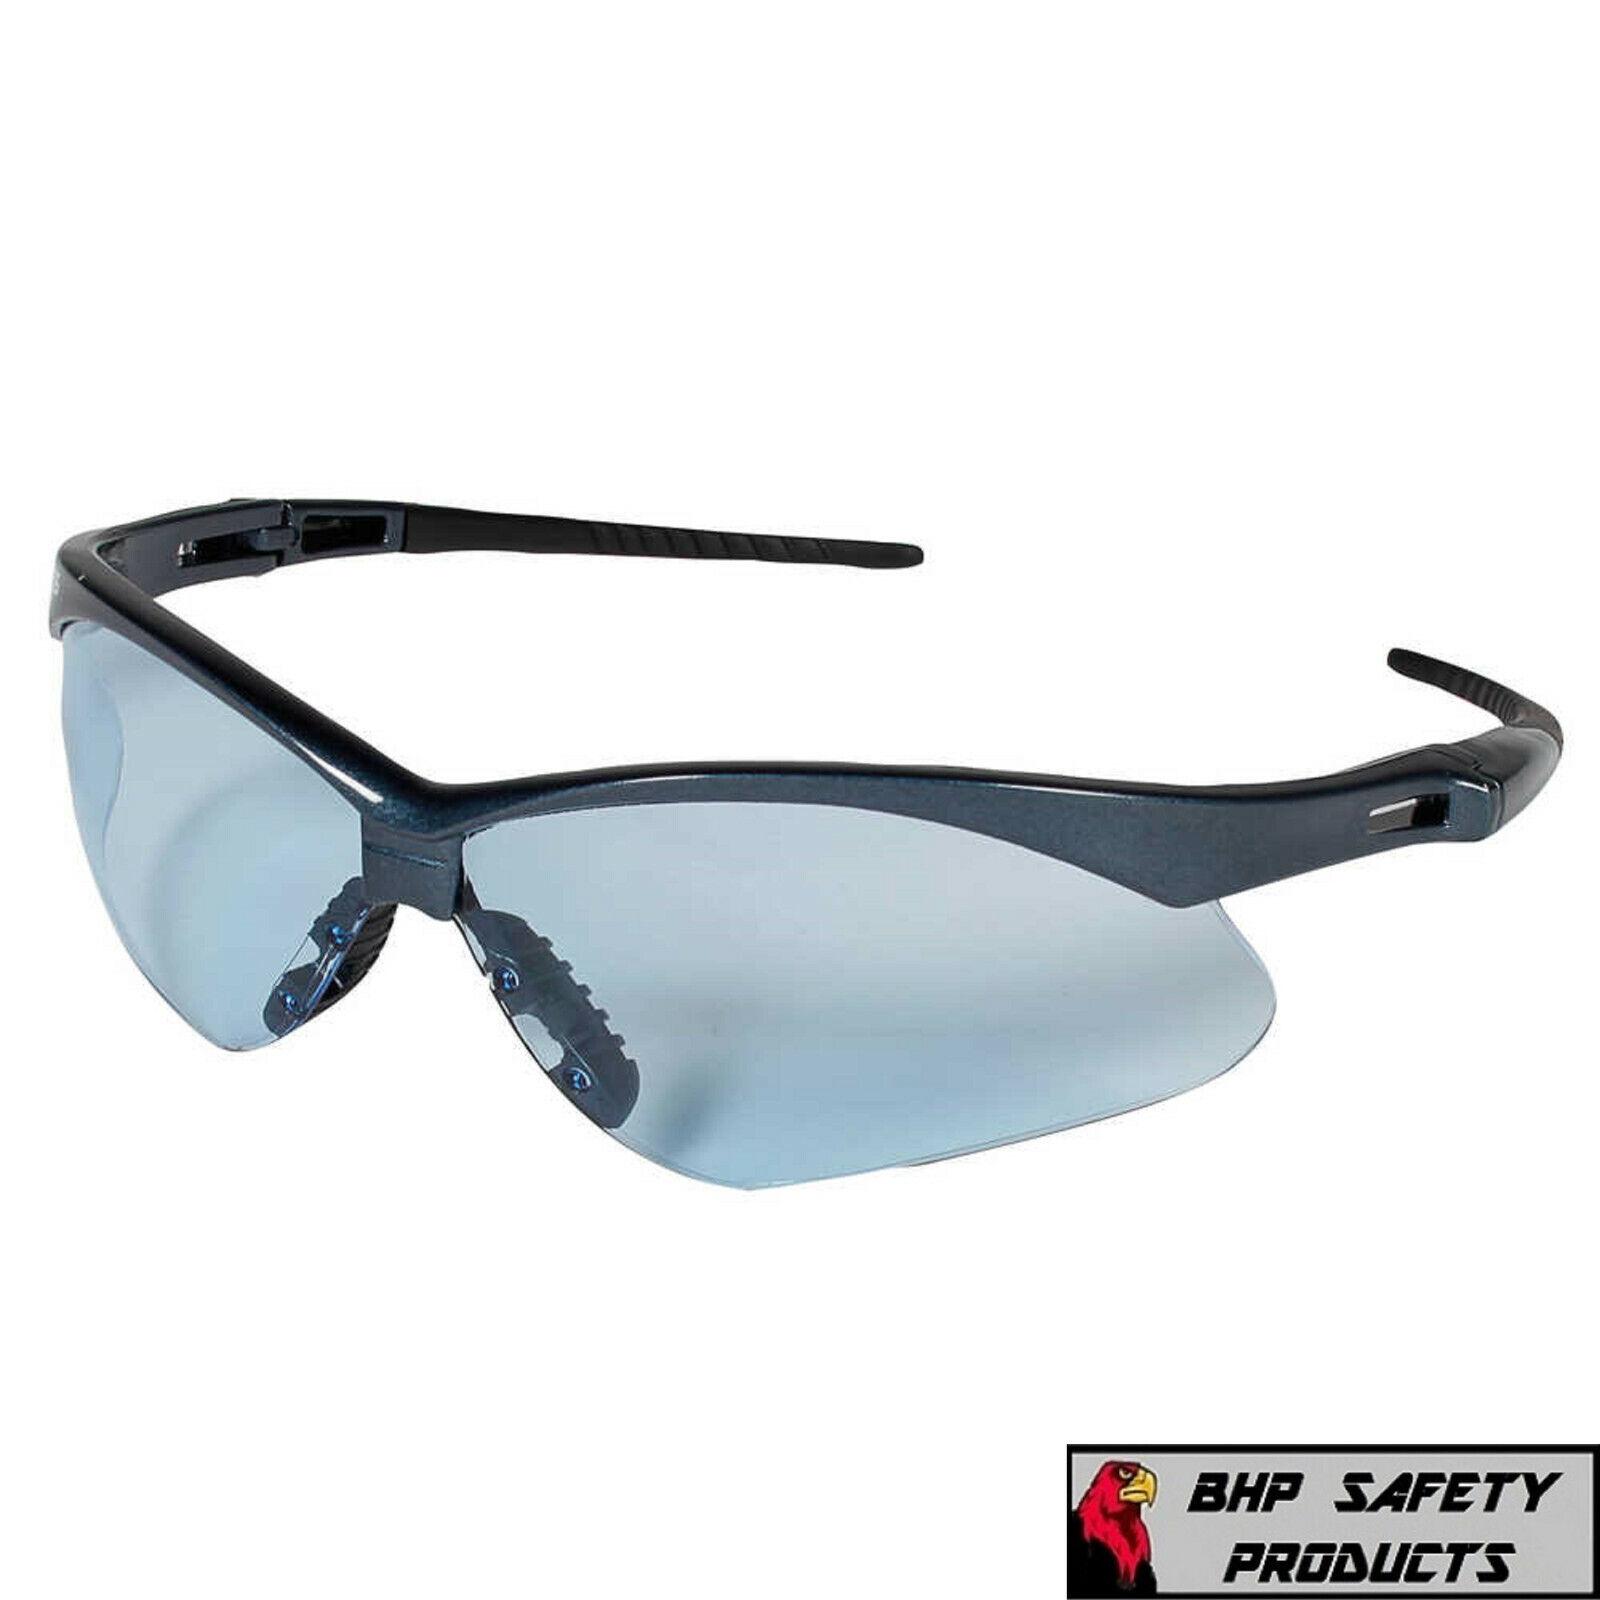 JACKSON NEMESIS SAFETY GLASSES SUNGLASSES SPORT WORK EYEWEAR - VARIETY PACKS 19639-Blue Frame/Light Blue Lens